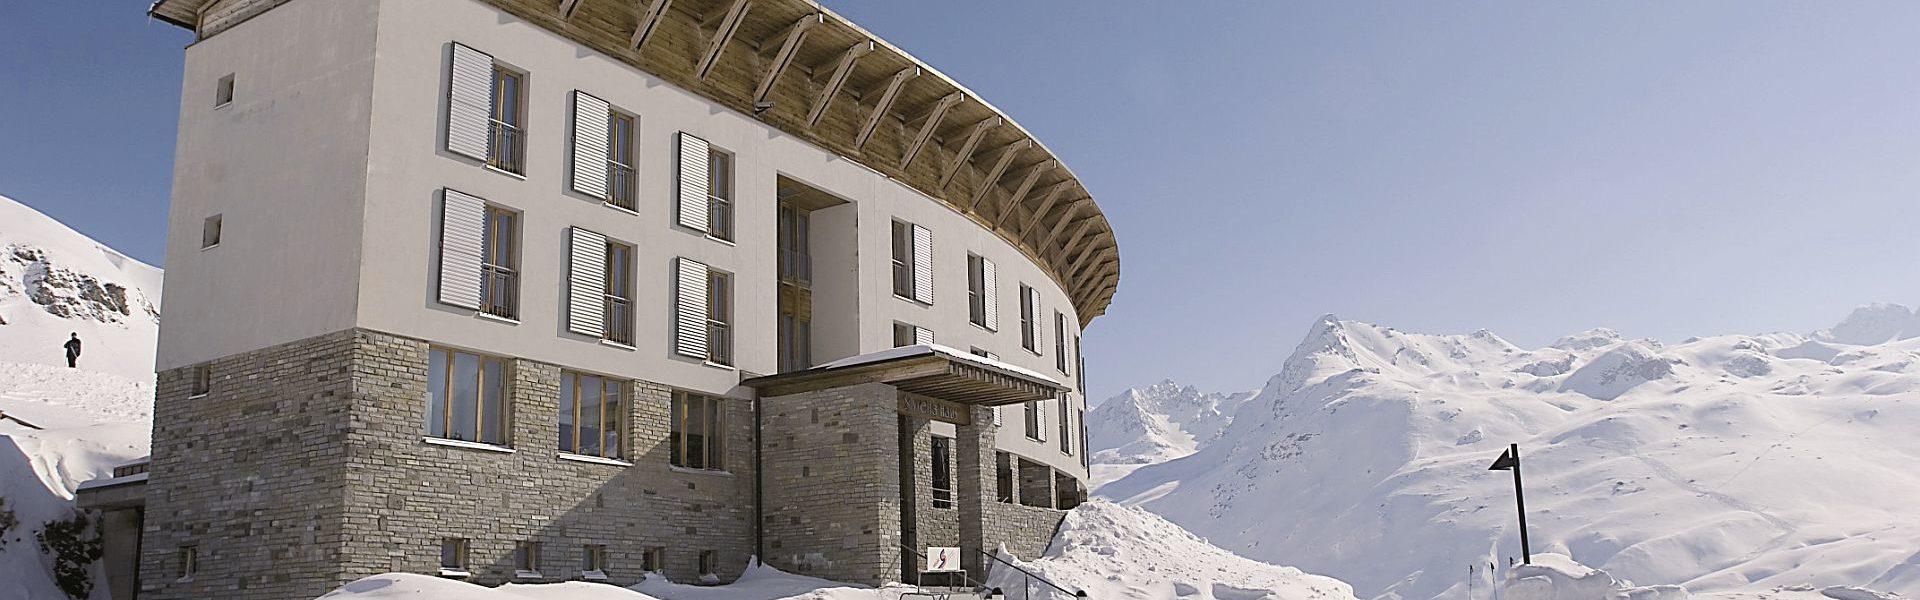 Holiday Architecture - Silvretta-Haus, Bielerhöhe, Vorarlberg, Austria